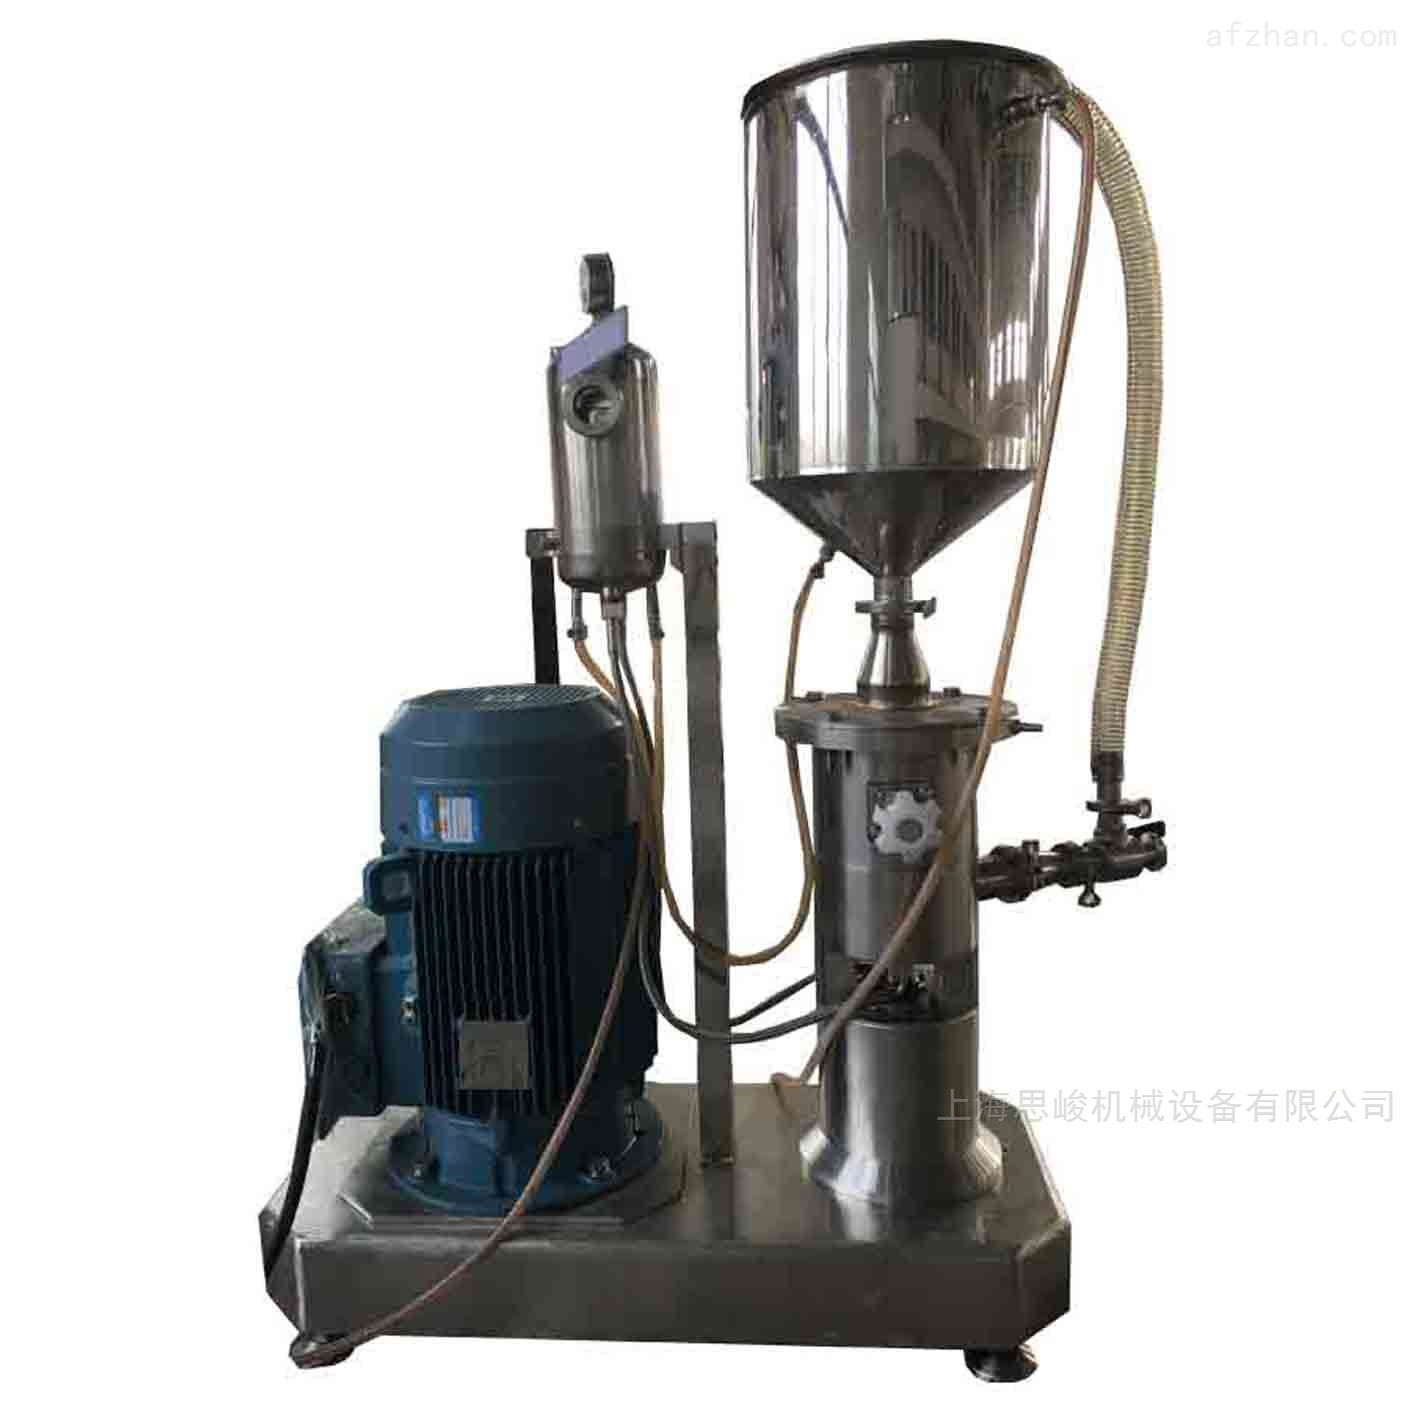 碳纳米管改性的乳液上浆剂乳化机